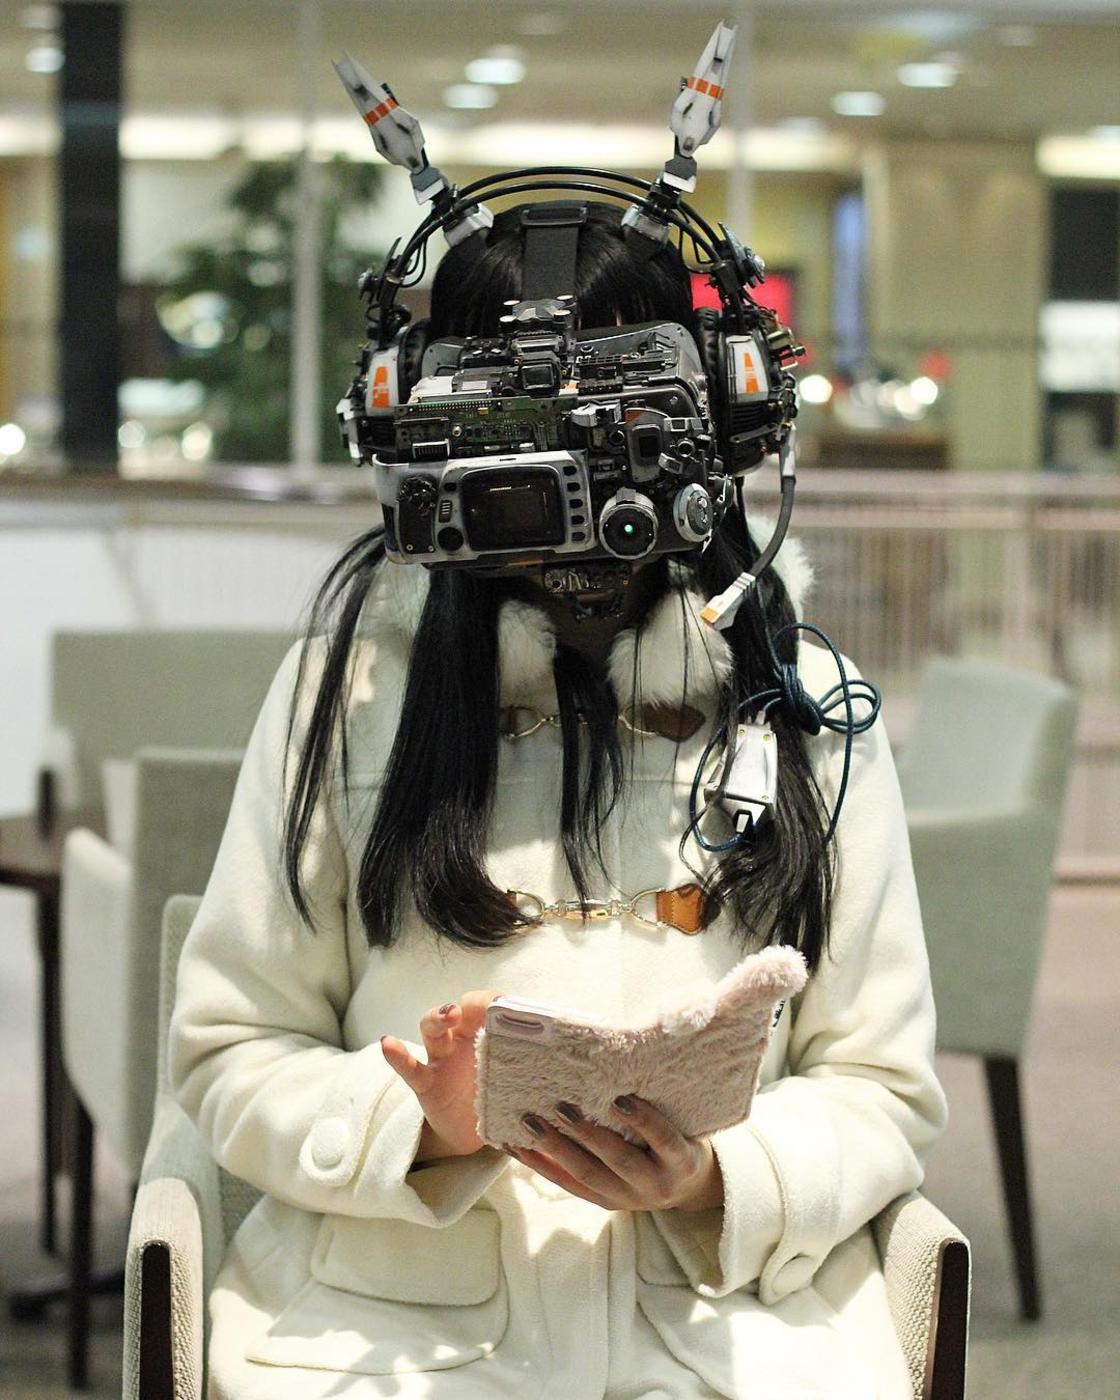 Cyberpunk – Les impressionnantes creations de Hiroto Ikeuchi